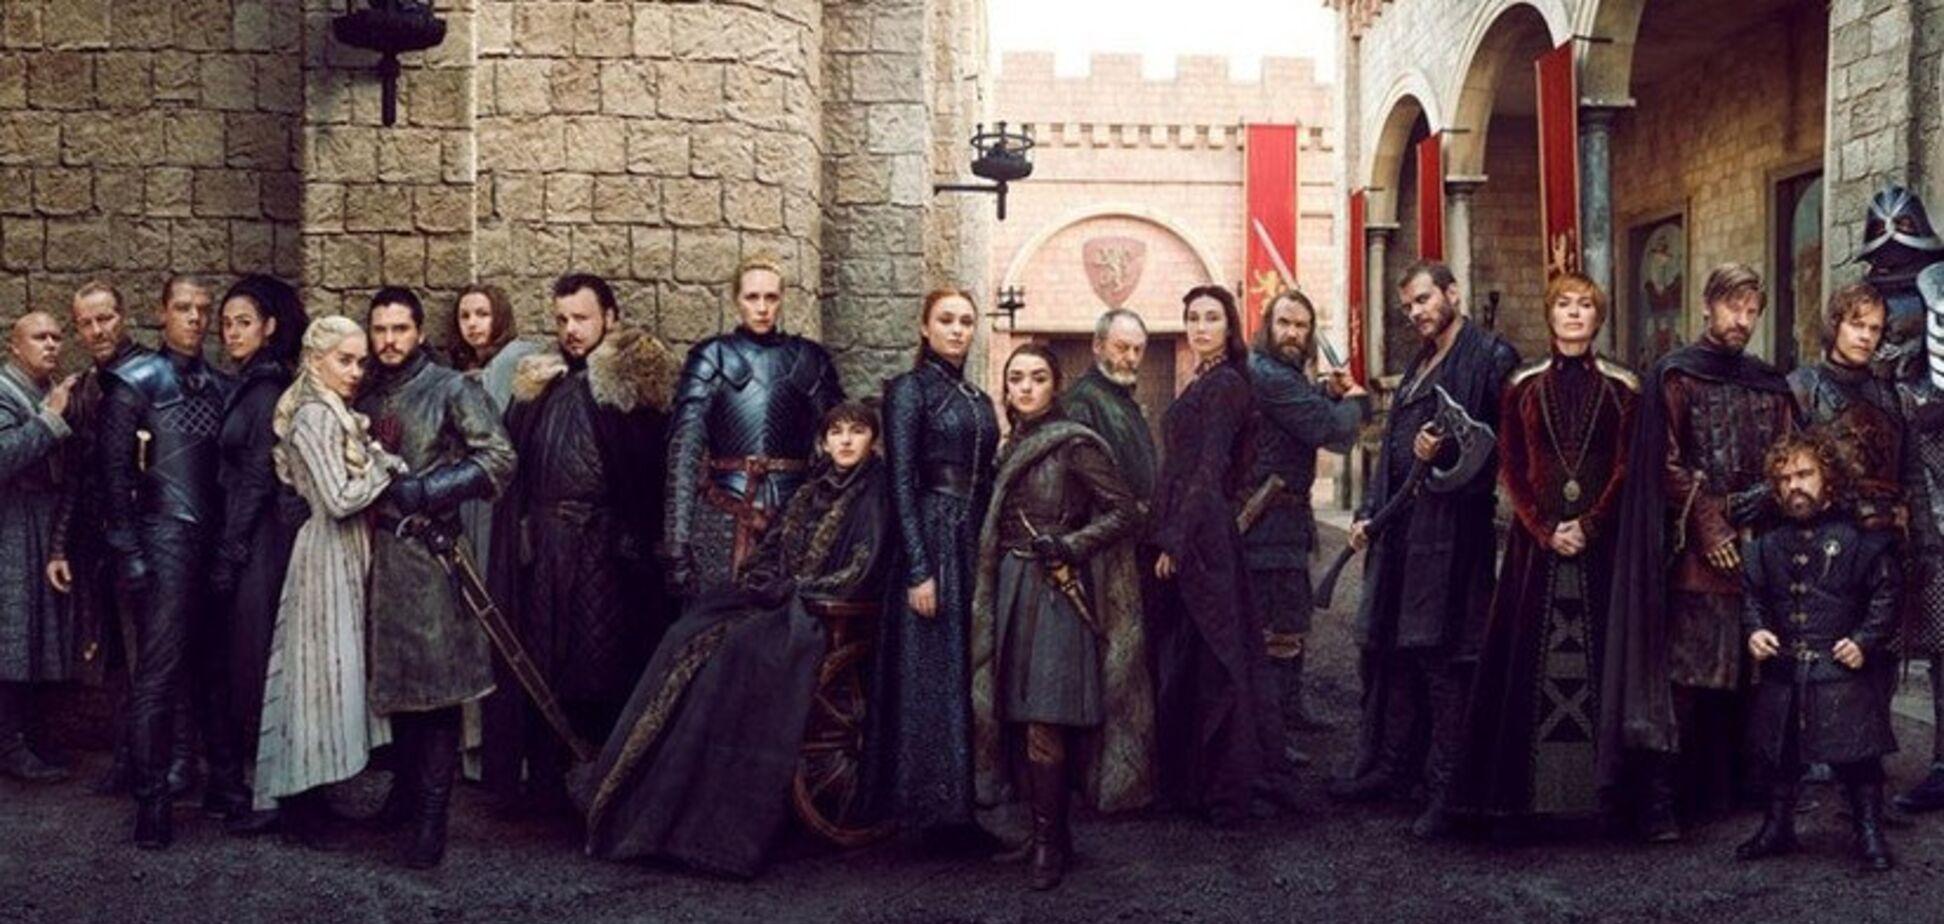 Названы самые интересные персонажи 'Игры престолов'